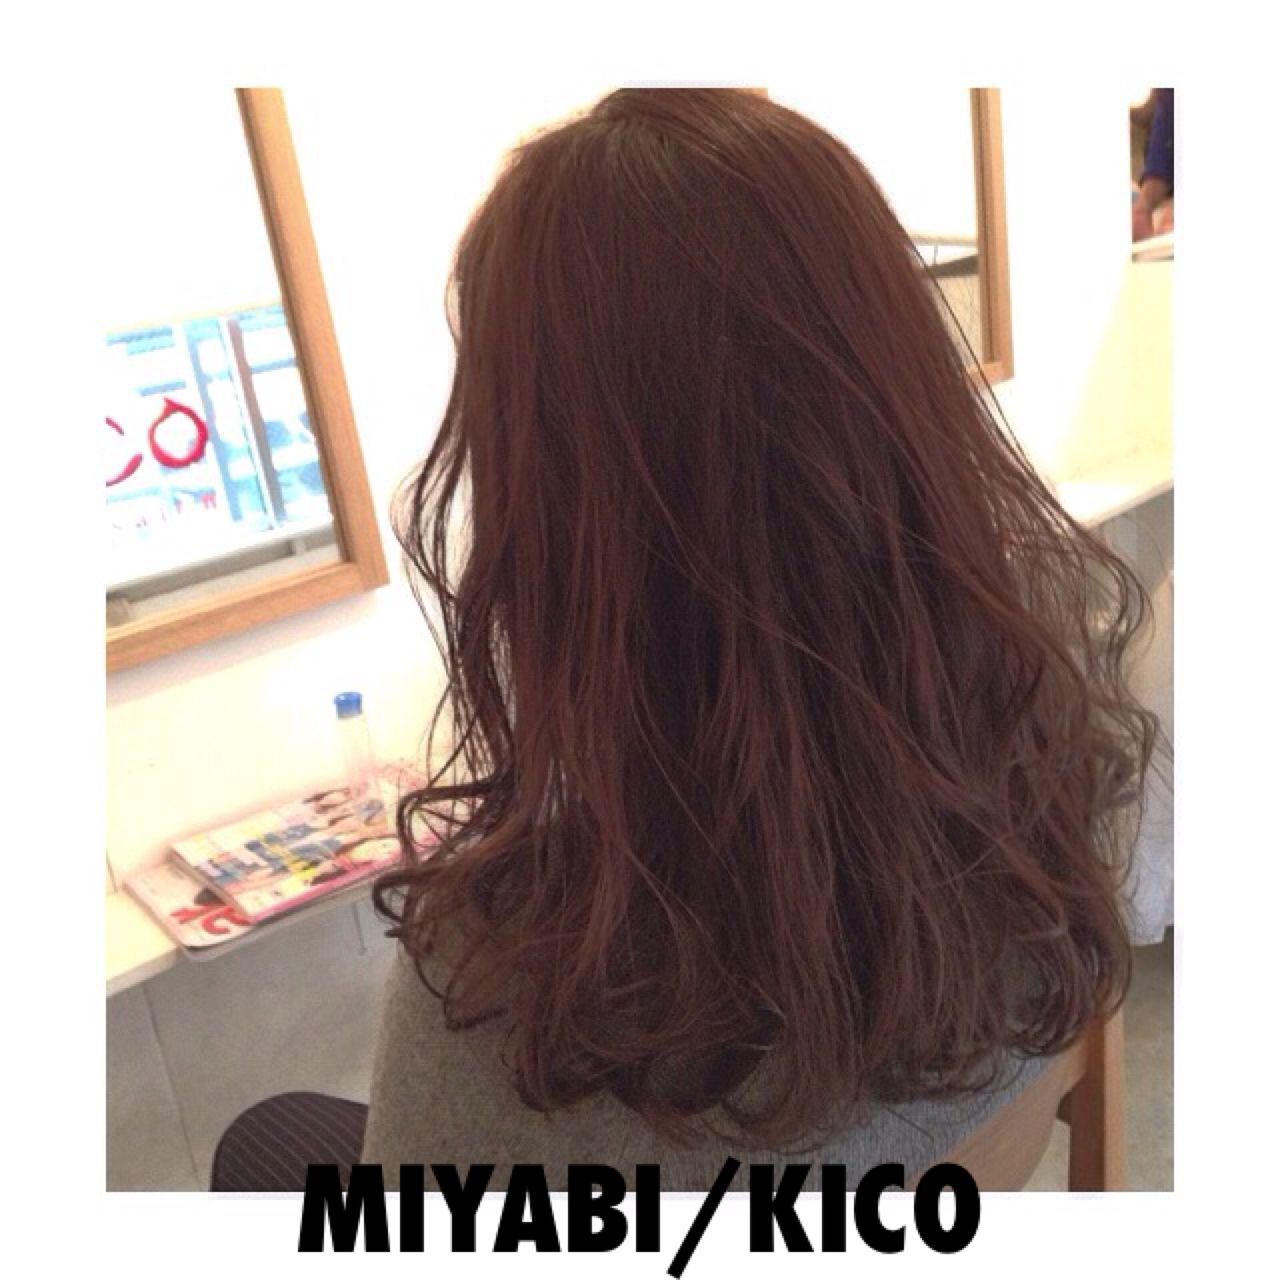 暗髪 ウェットヘア ウェーブ セミロング ヘアスタイルや髪型の写真・画像 | Miyabi/kico / MYBY